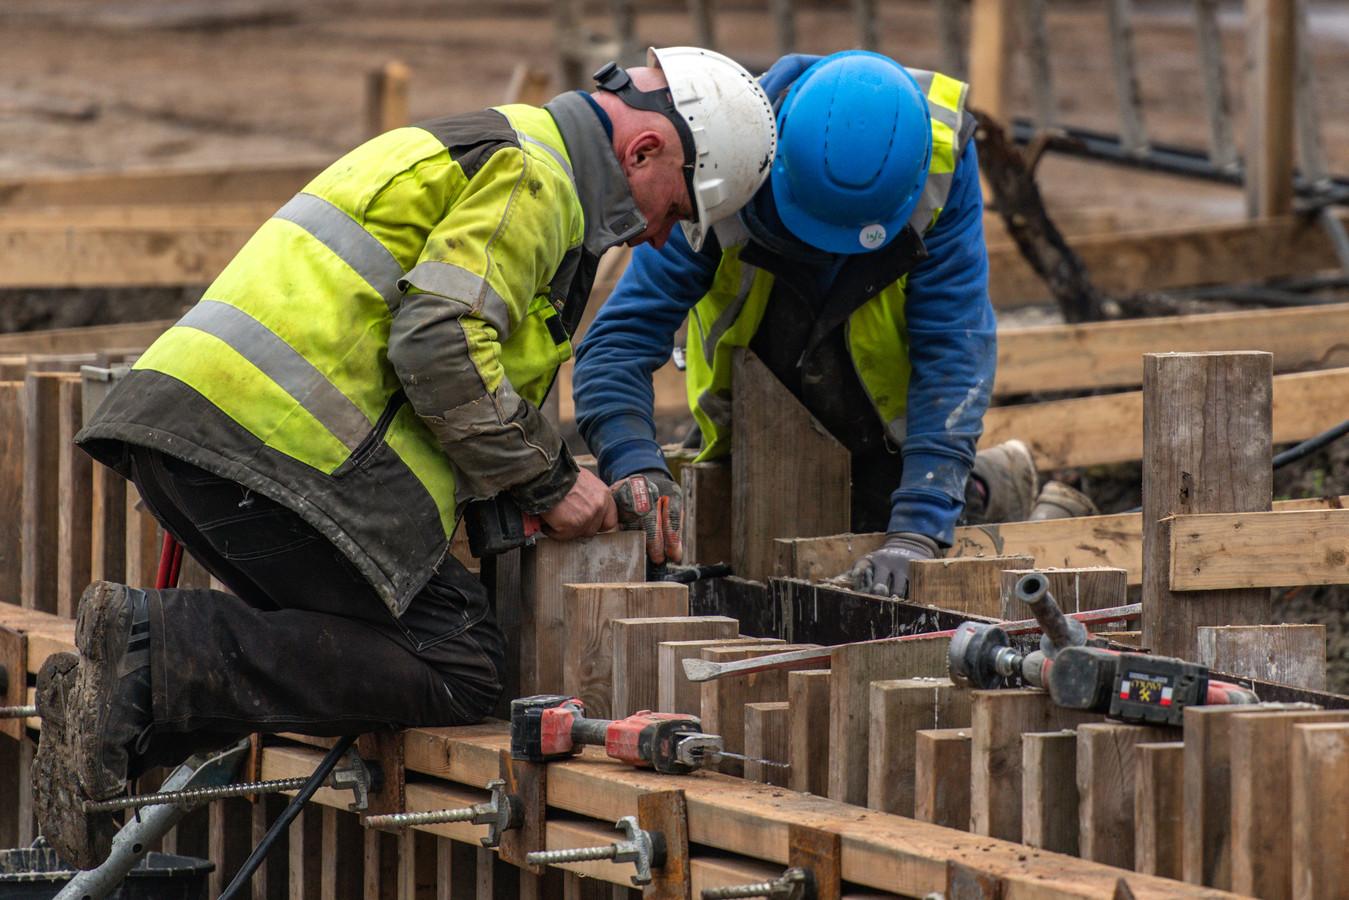 Twee bouwvakkers aan het werk op een bouwplaats.